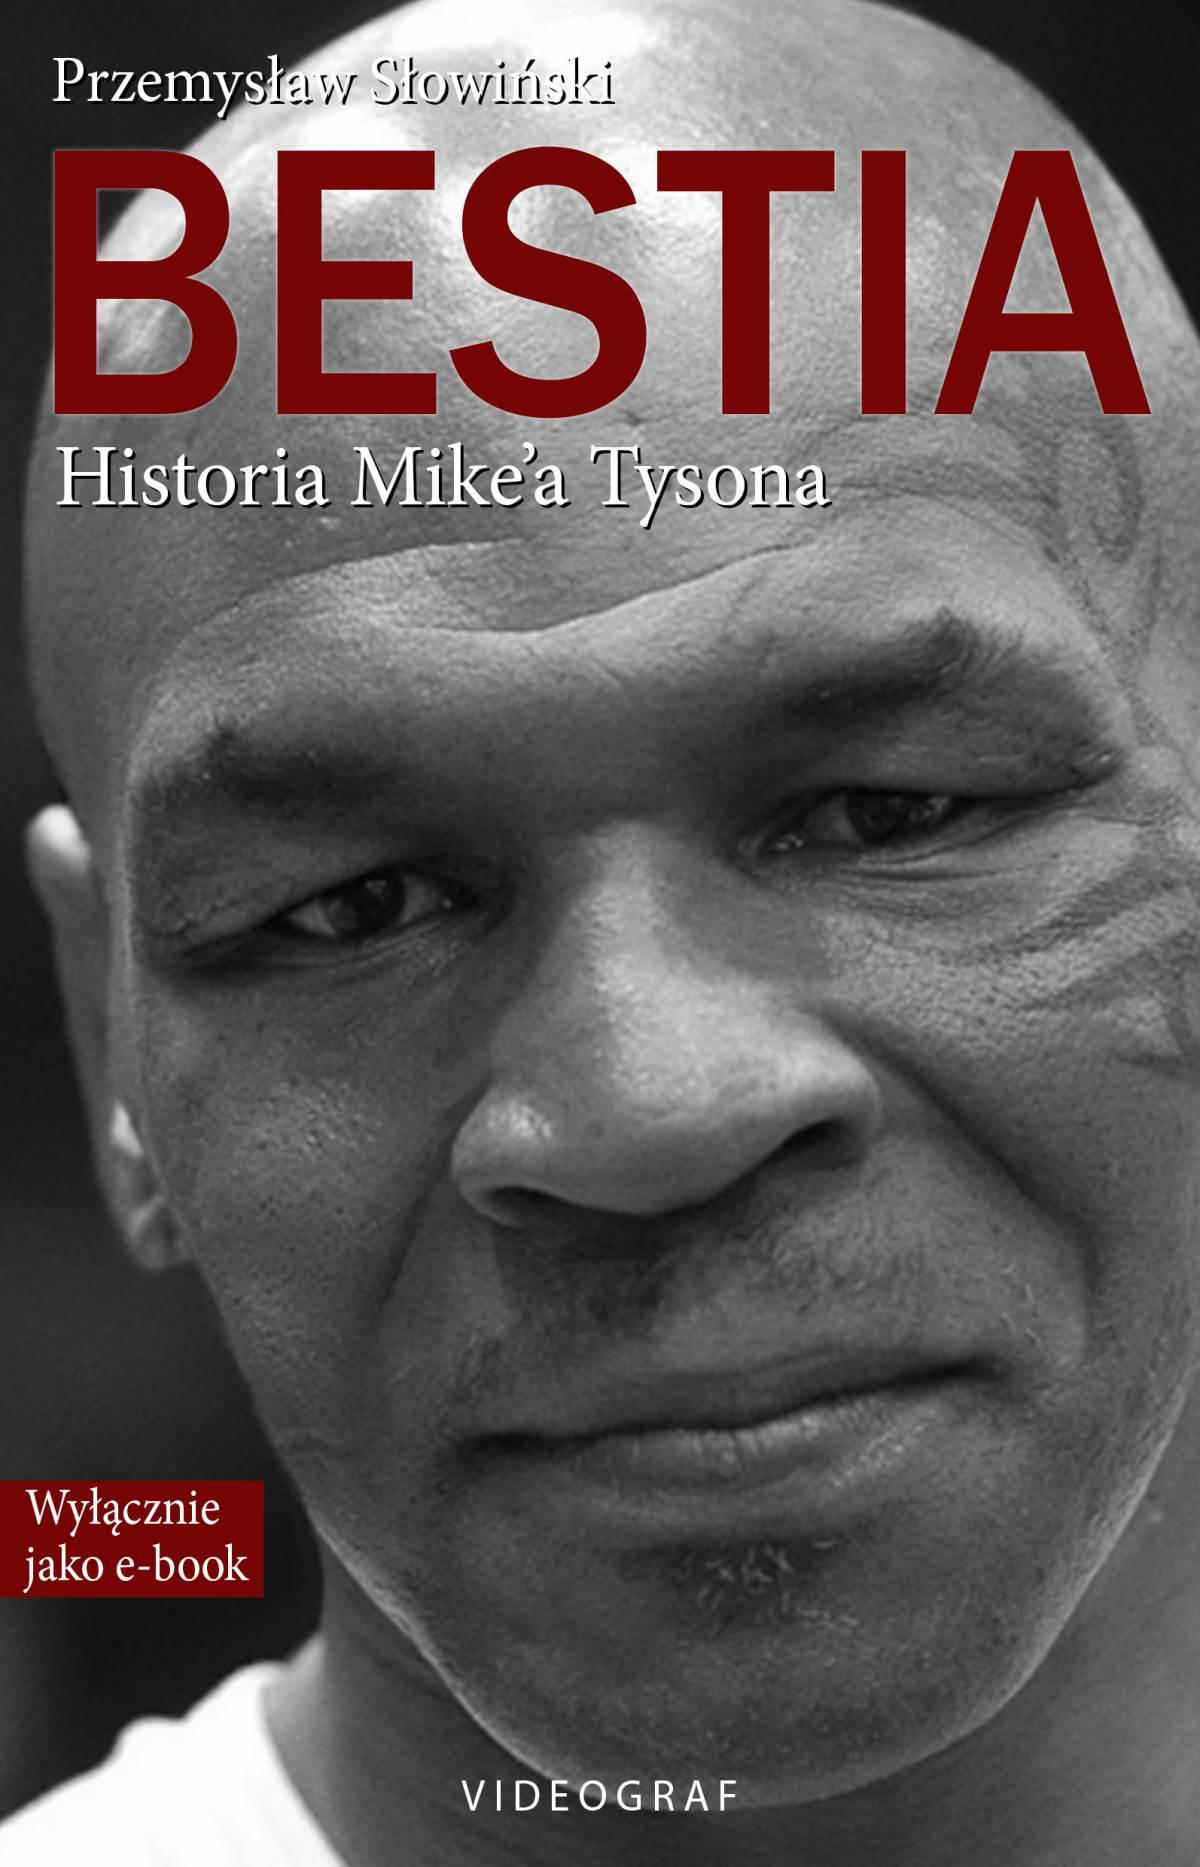 Bestia. Historia Mike'a Tysona - Ebook (Książka EPUB) do pobrania w formacie EPUB